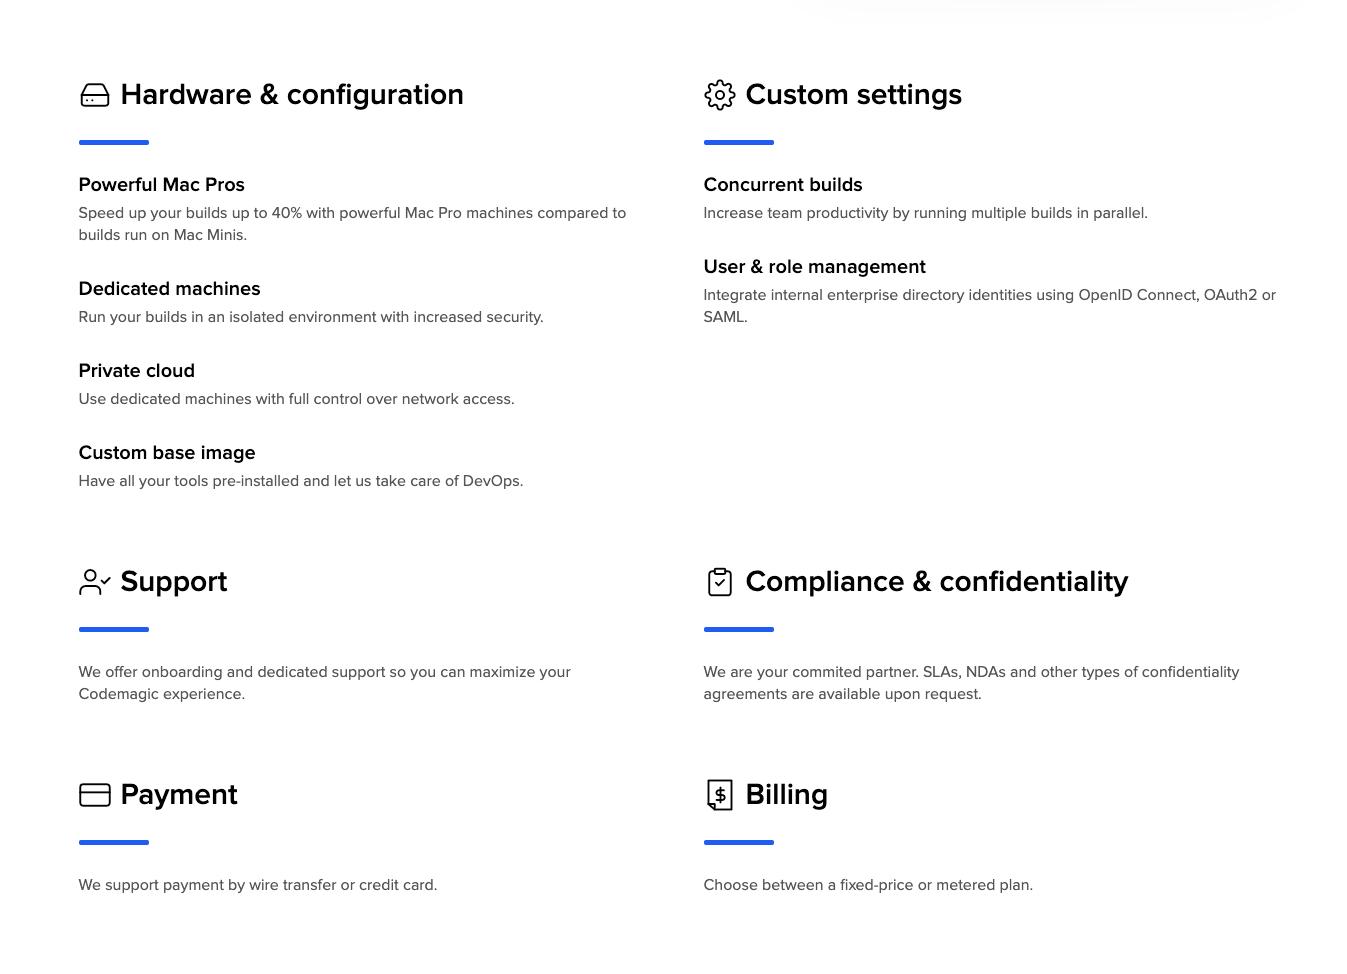 Codemagic enterprise page